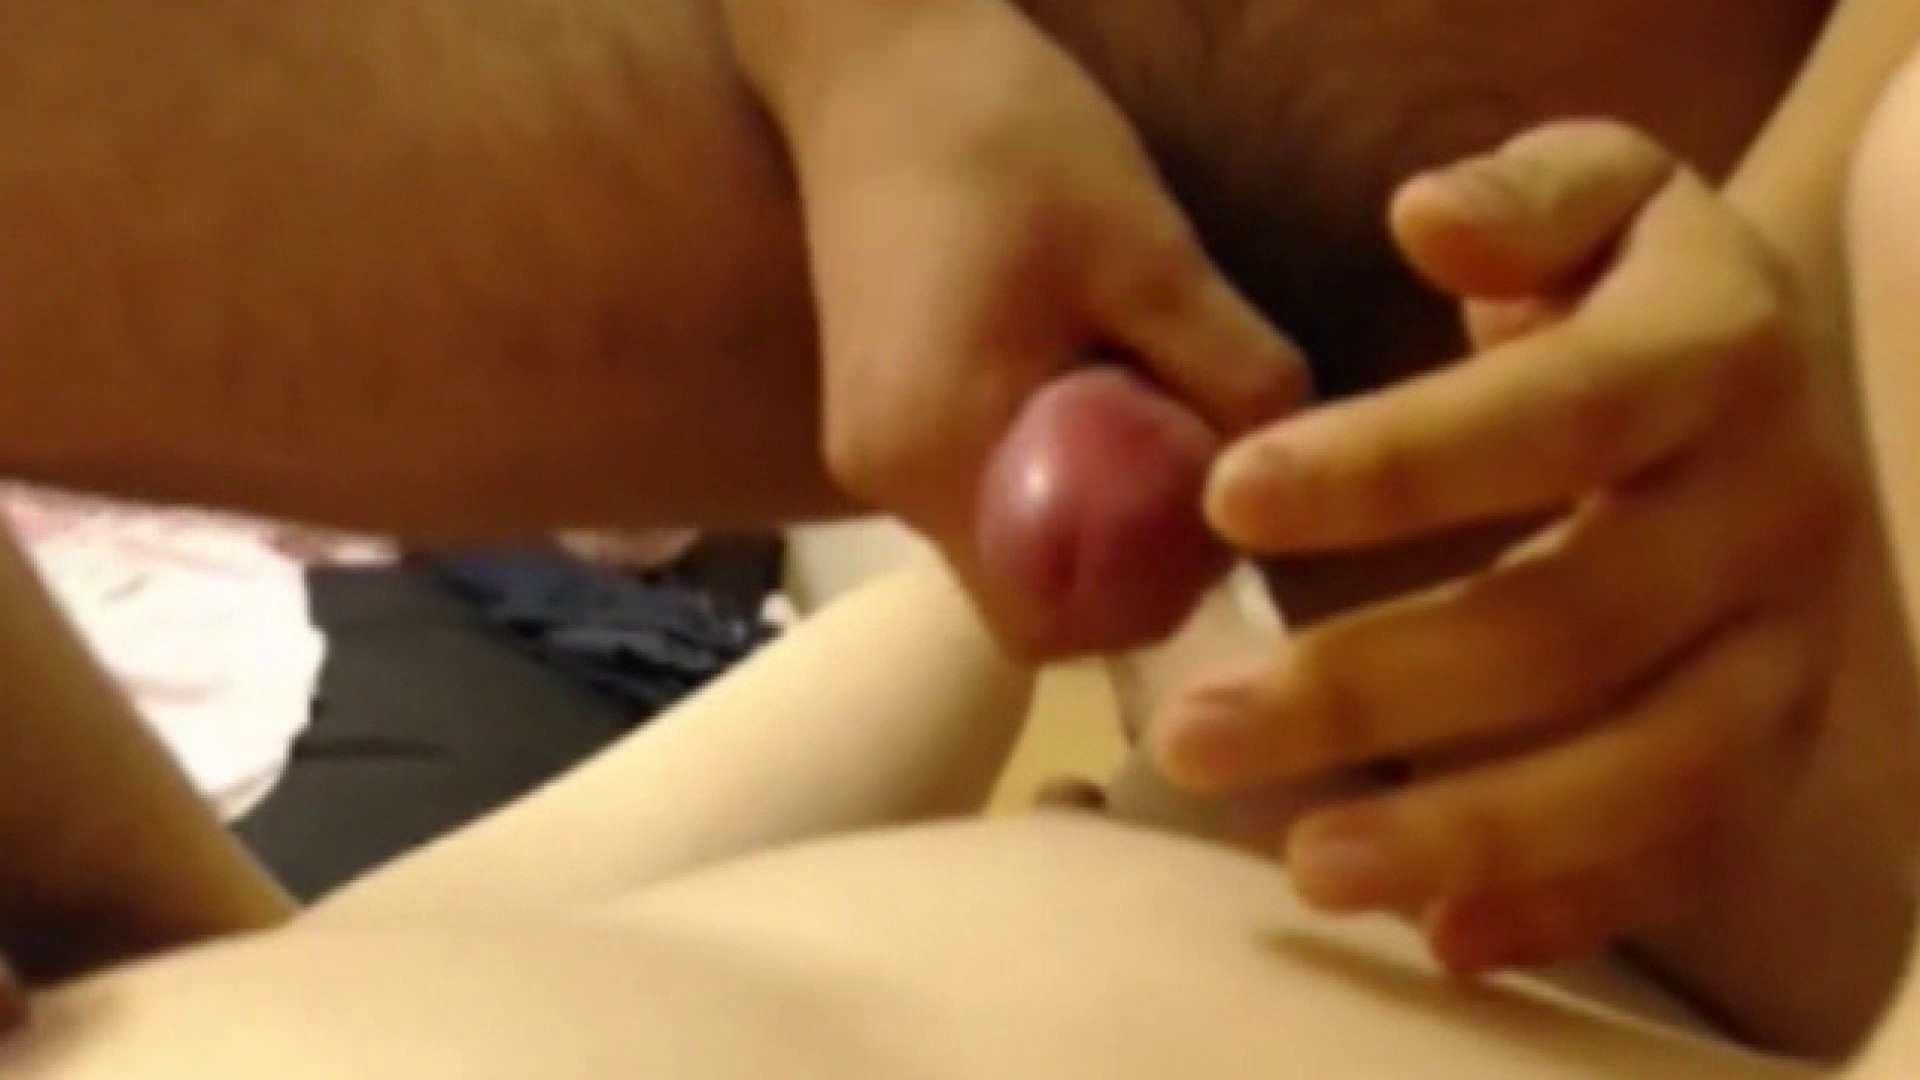 おしえてギャル子のH塾 Vol.02 後編 お姉さん達のフェラチオ AV動画キャプチャ 74枚 74